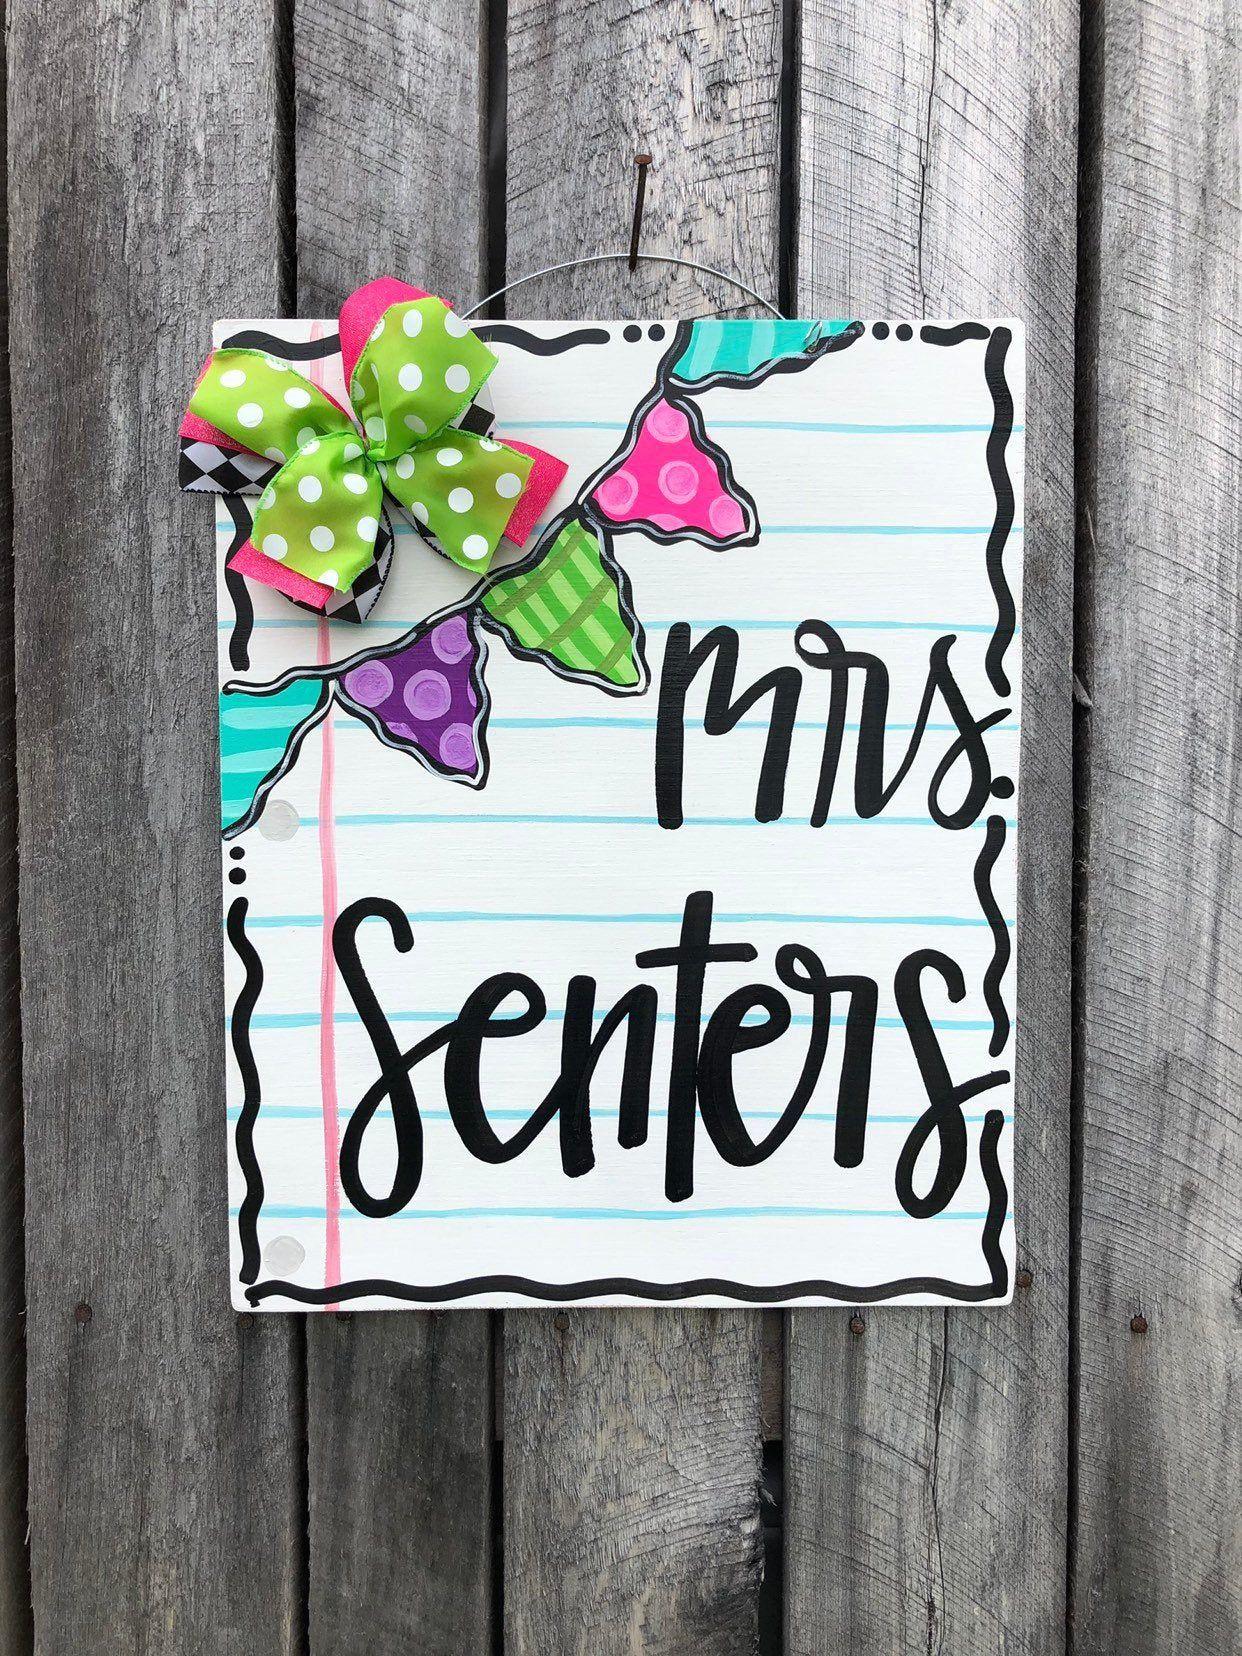 Teacher Appreciation Notebook Paper Door Hanger 1000 In 2020 Teacher Door Hangers Door Hangers Teacher Name Signs